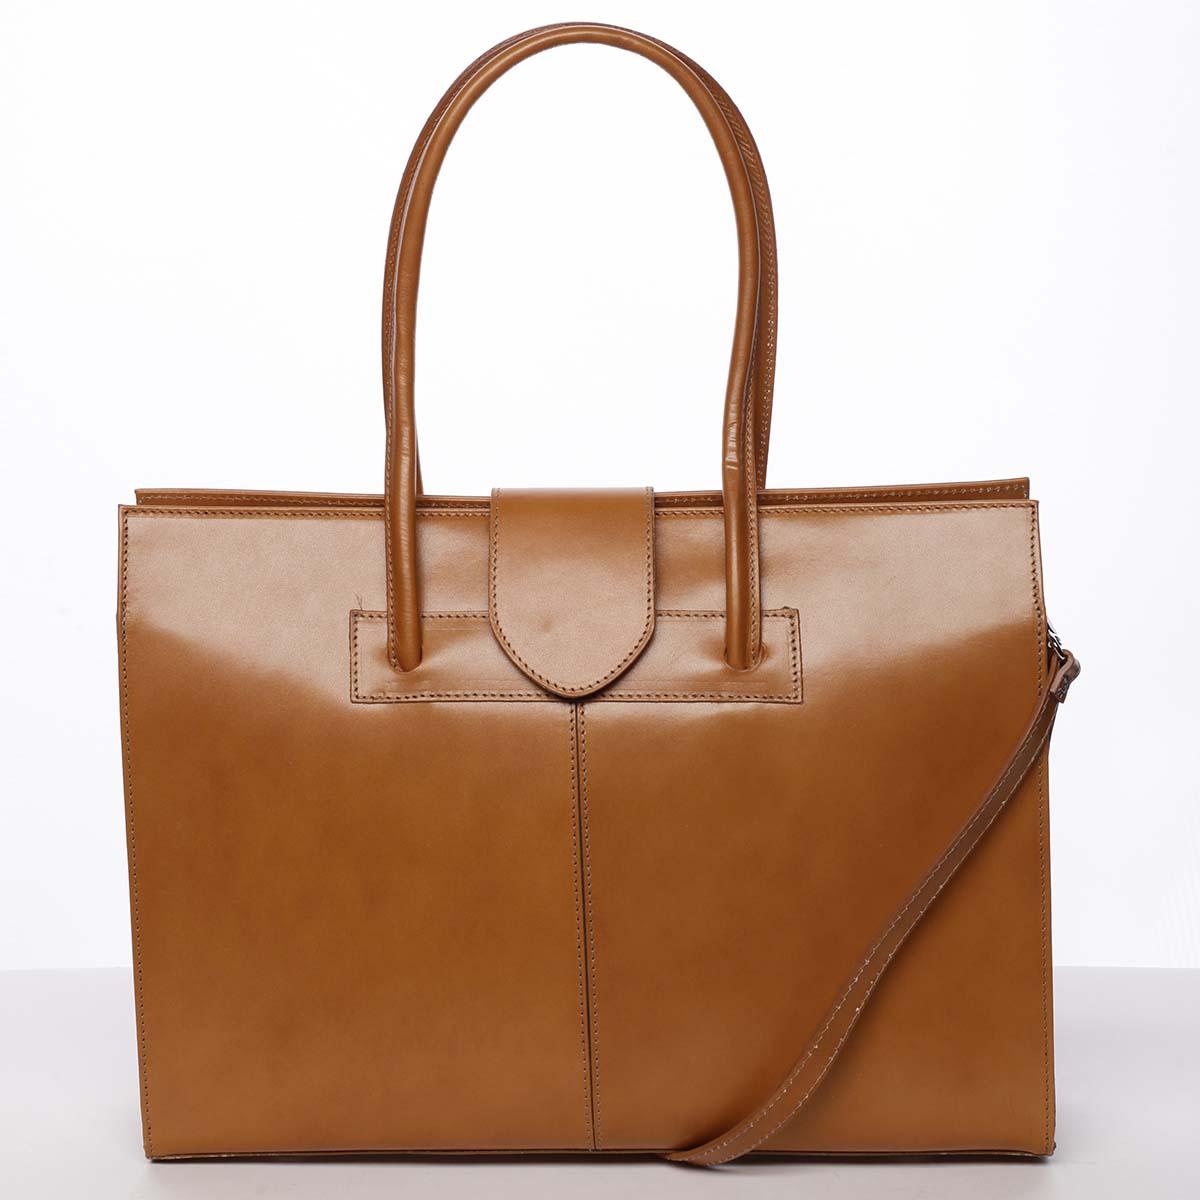 Elegantní a módní dámská kožená kabelka koňaková - ItalY Alison